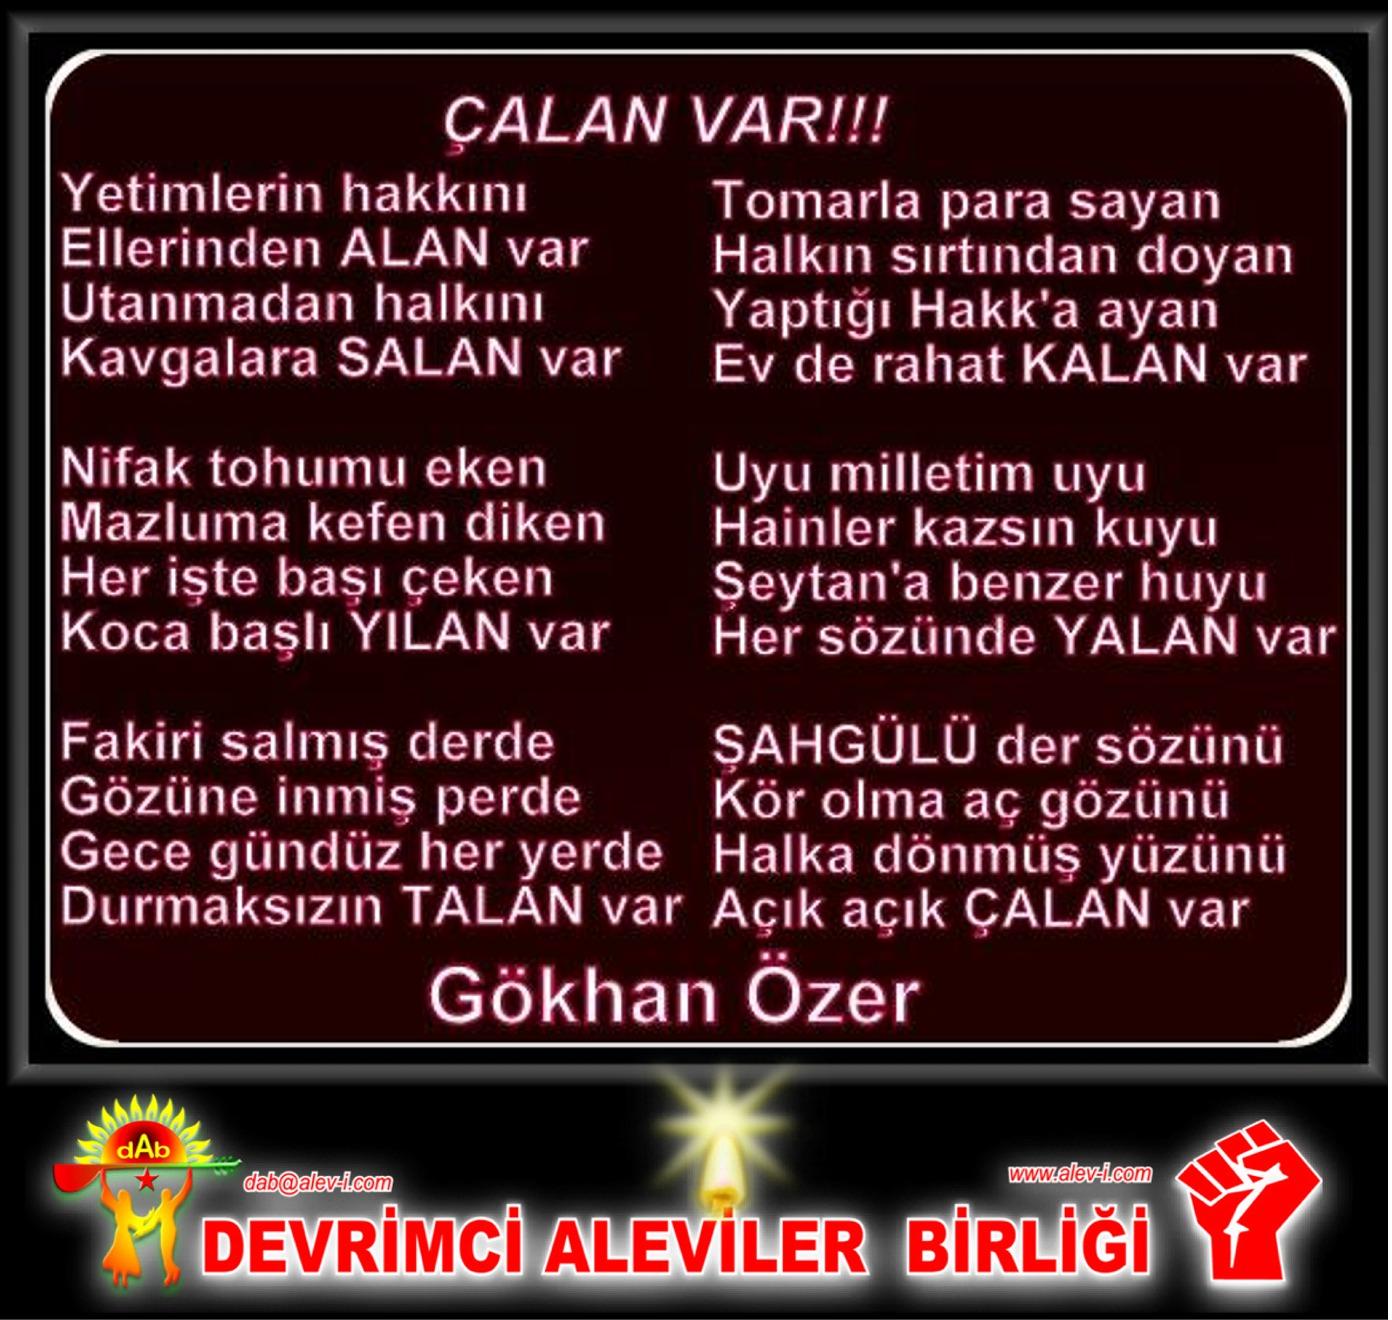 Alevi Bektaşi Kızılbaş Pir Sultan Devrimci Aleviler Birliği DAB calan var